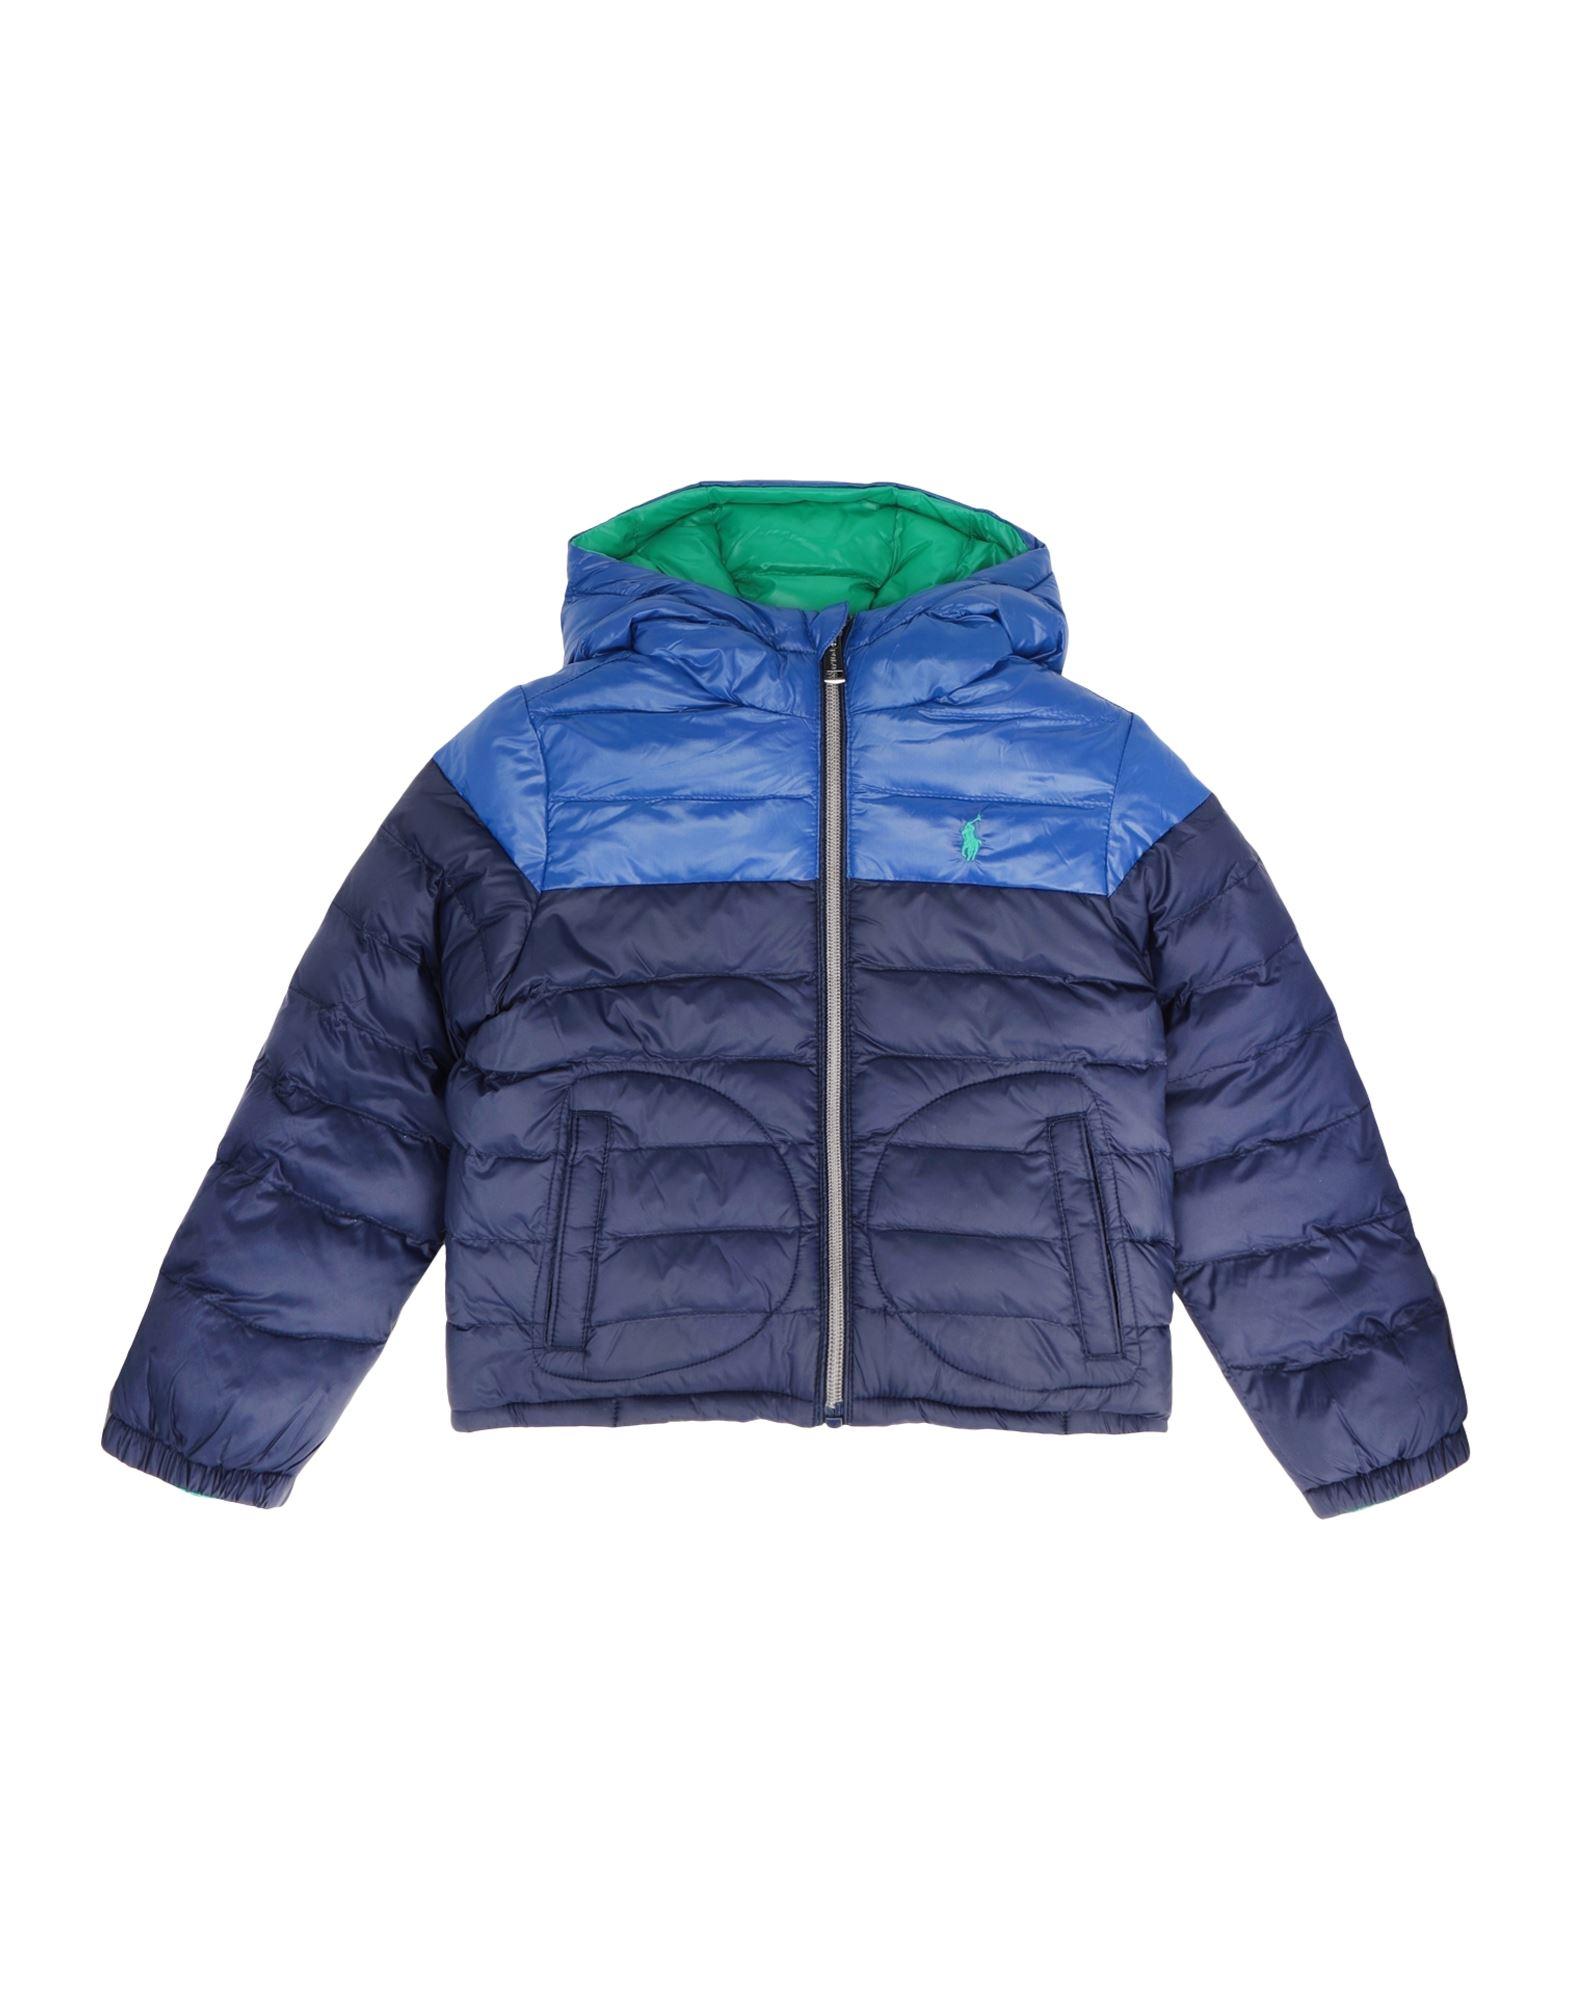 《セール開催中》RALPH LAUREN ボーイズ 3-8 歳 合成繊維中綿アウター ダークブルー 6 リサイクル ナイロン 100% Reversible Water-Resistant Jacket